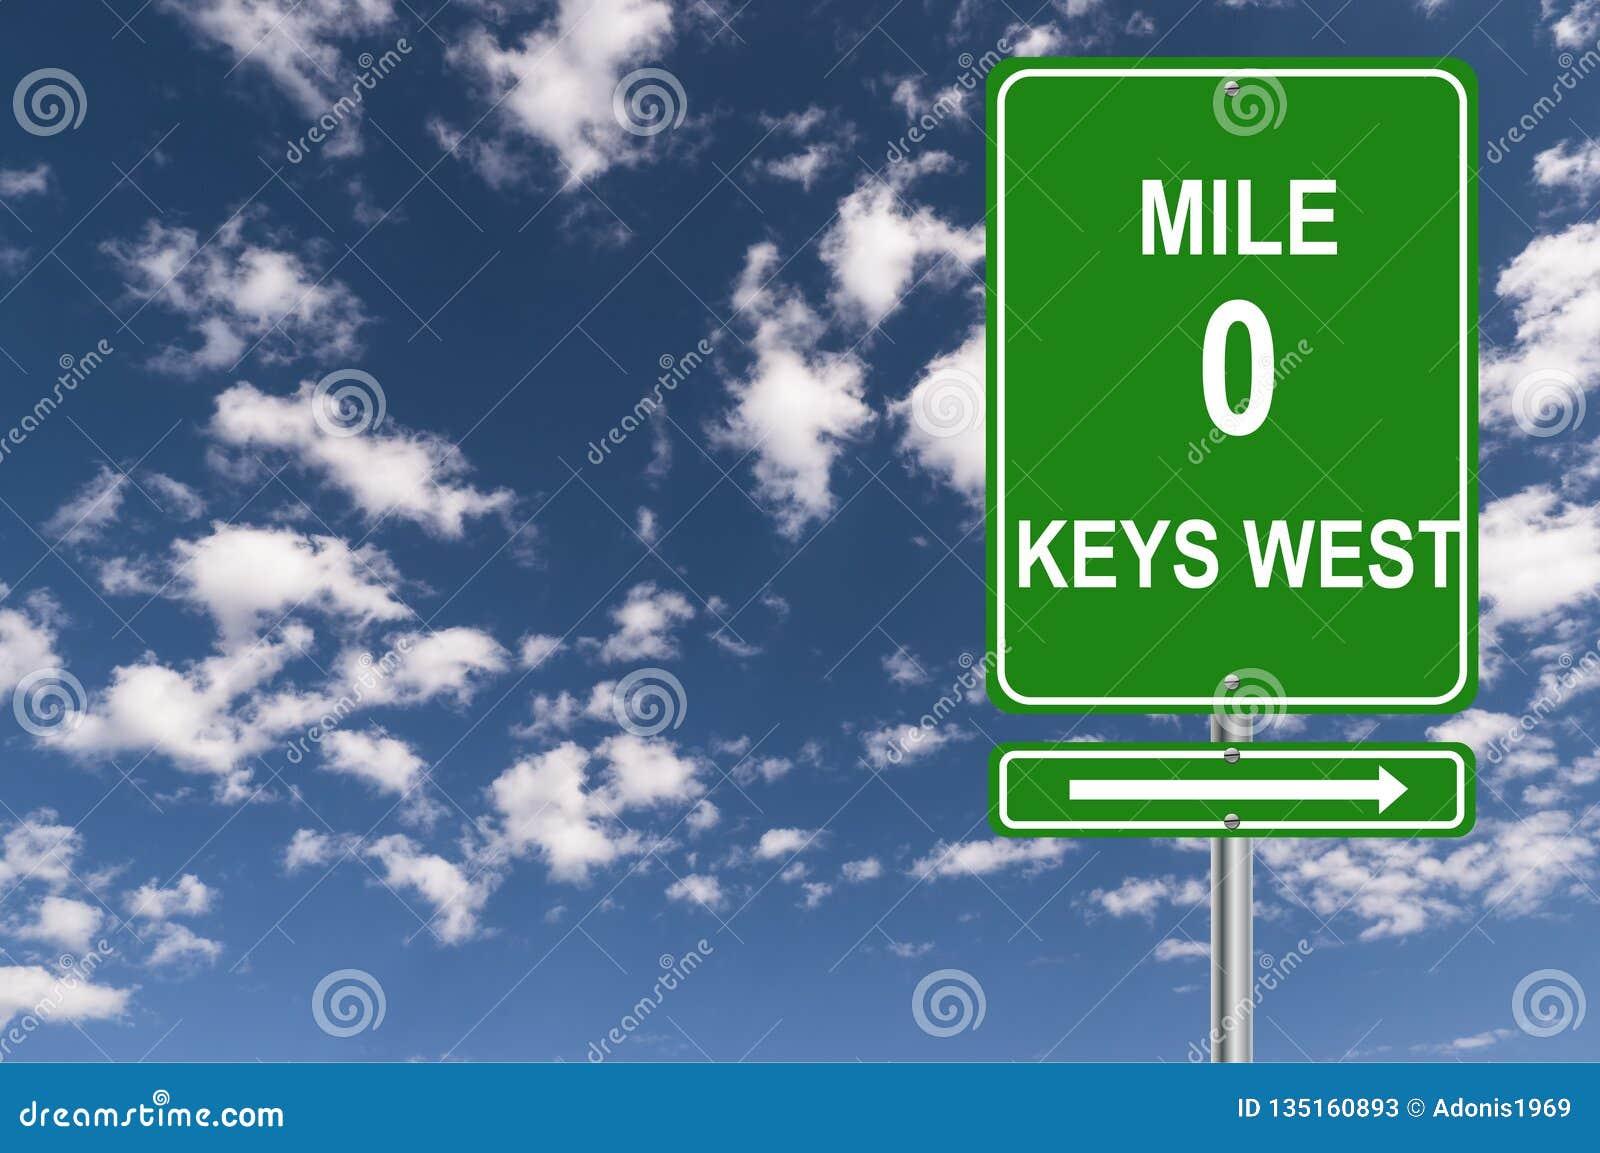 Mile 0 Keys West